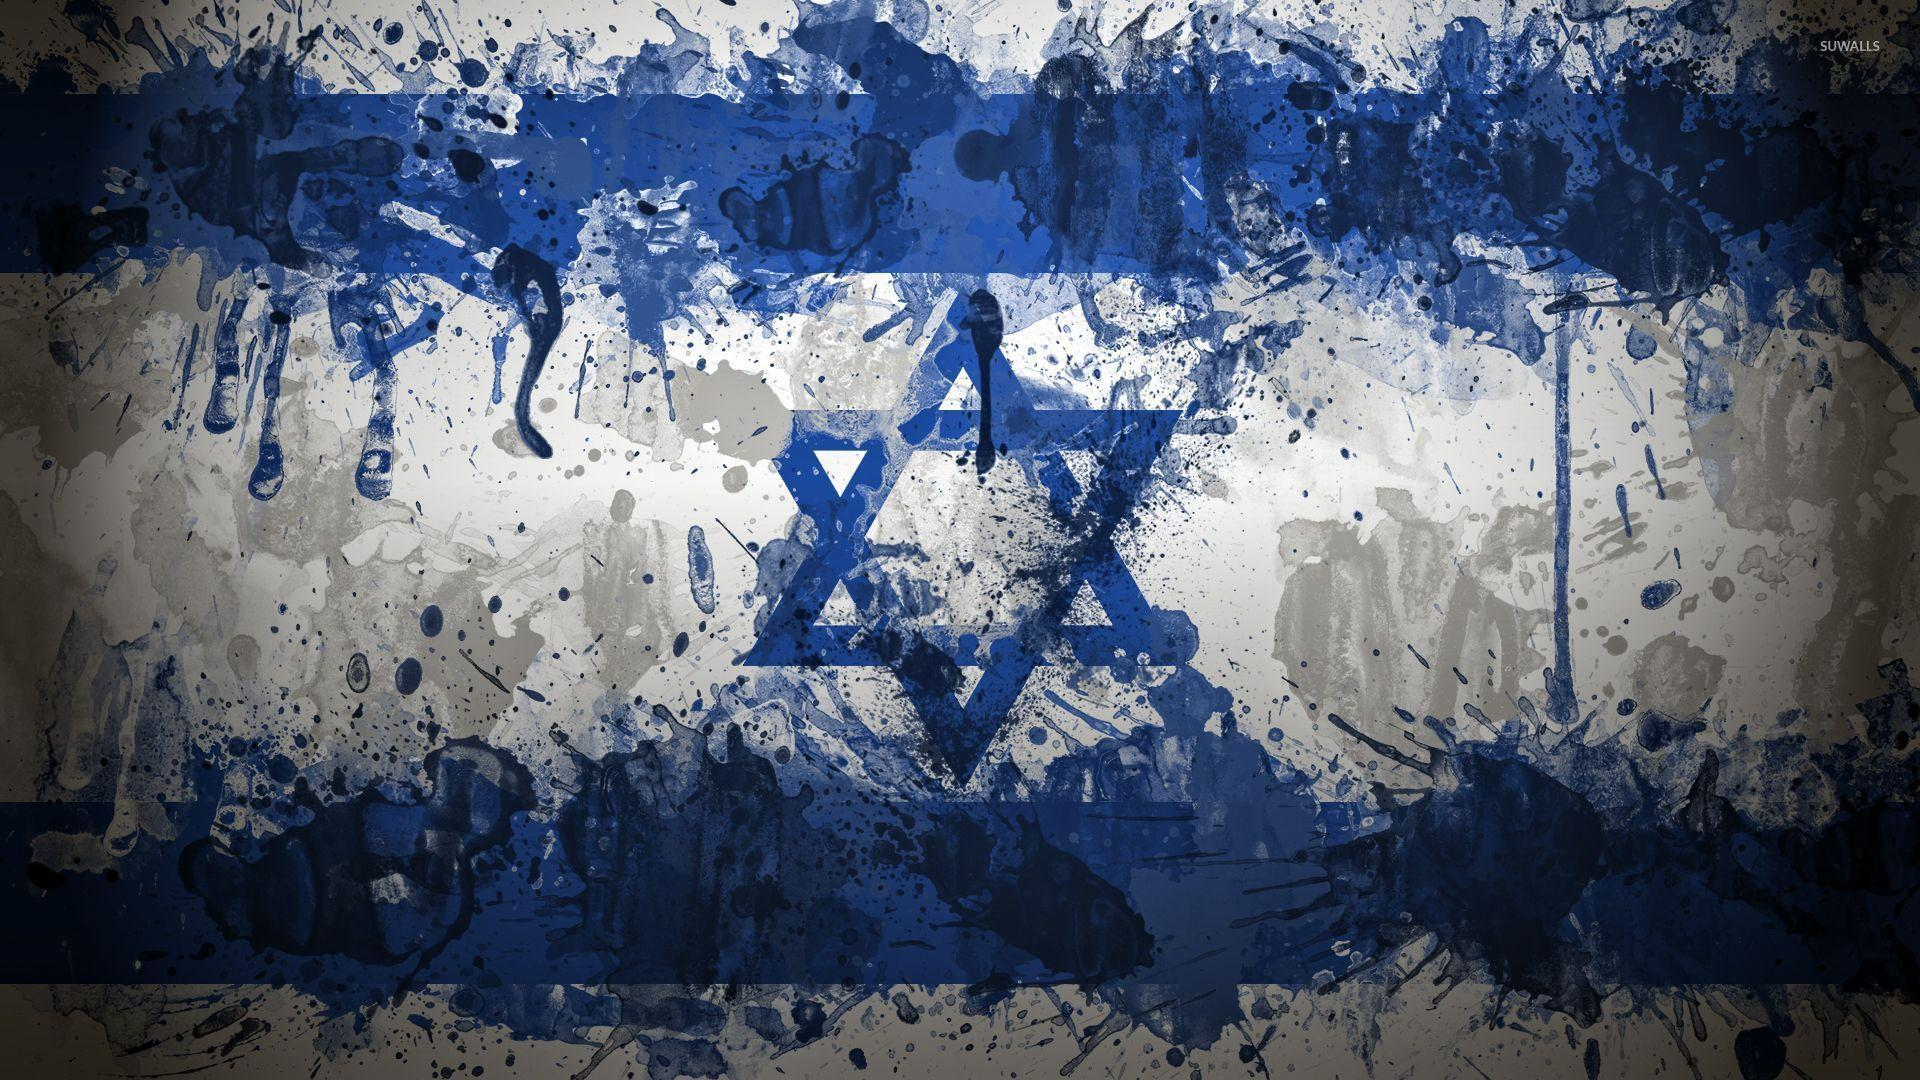 виды израиля обои для рабочего стола № 739718  скачать